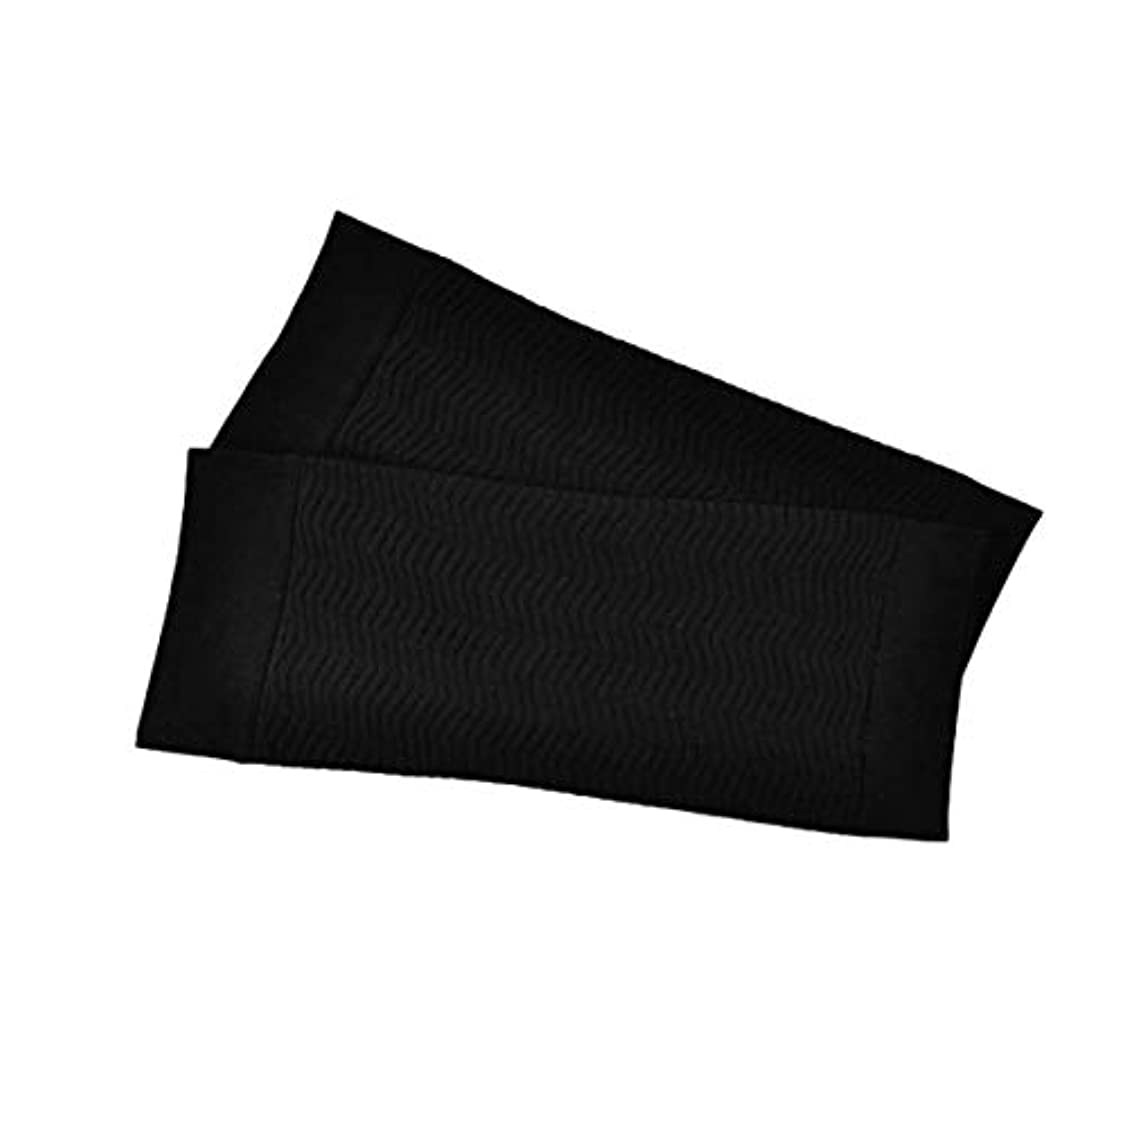 有効抱擁モッキンバード1ペア680 D圧縮アームシェイパーワークアウトトーニングバーンセルライトスリミングアームスリーブ脂肪燃焼半袖用女性 - ブラック